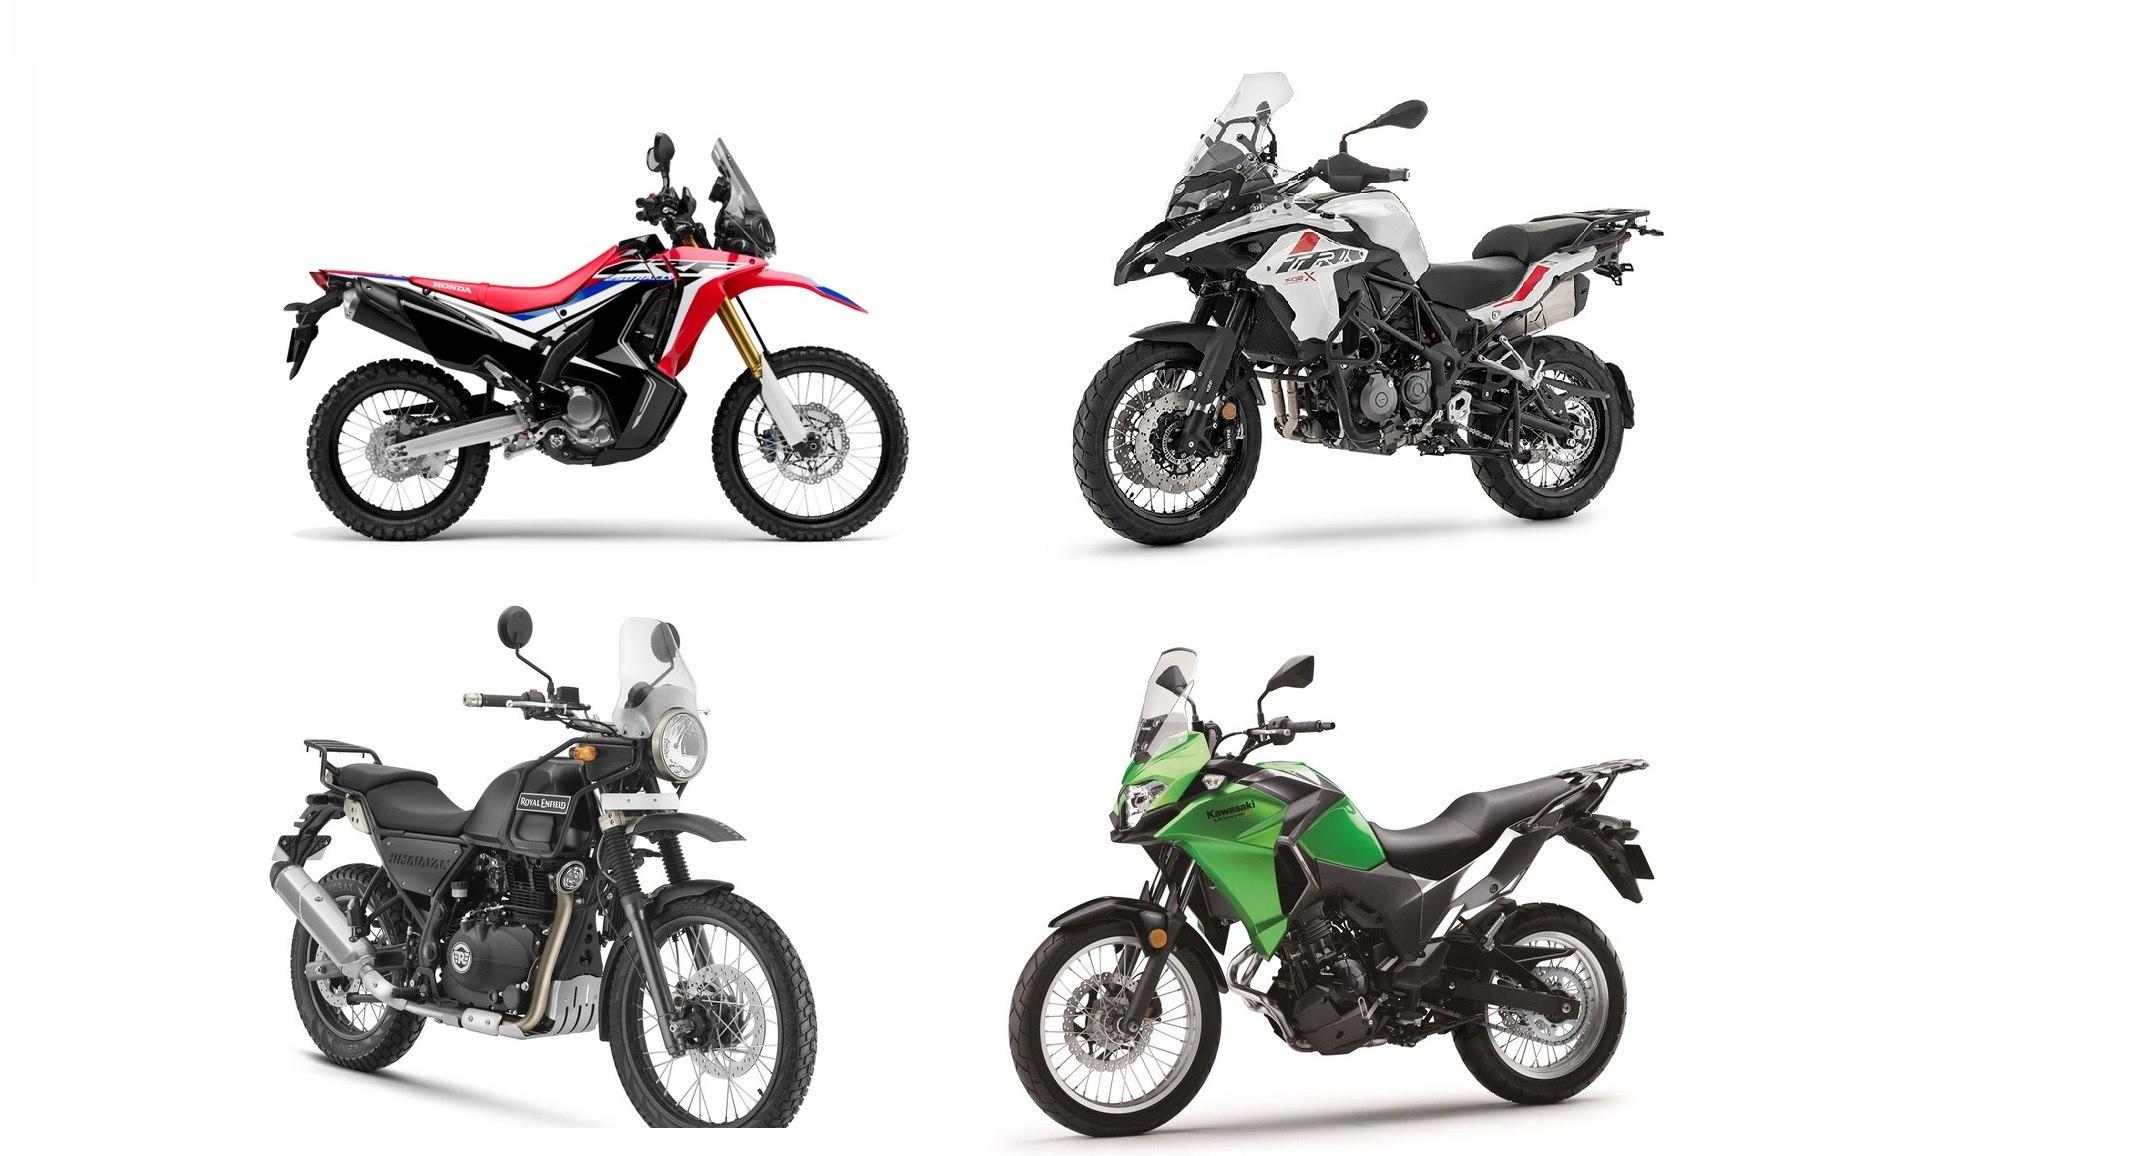 Quiero una moto de aventura para carné A2, ¿cuál compro?